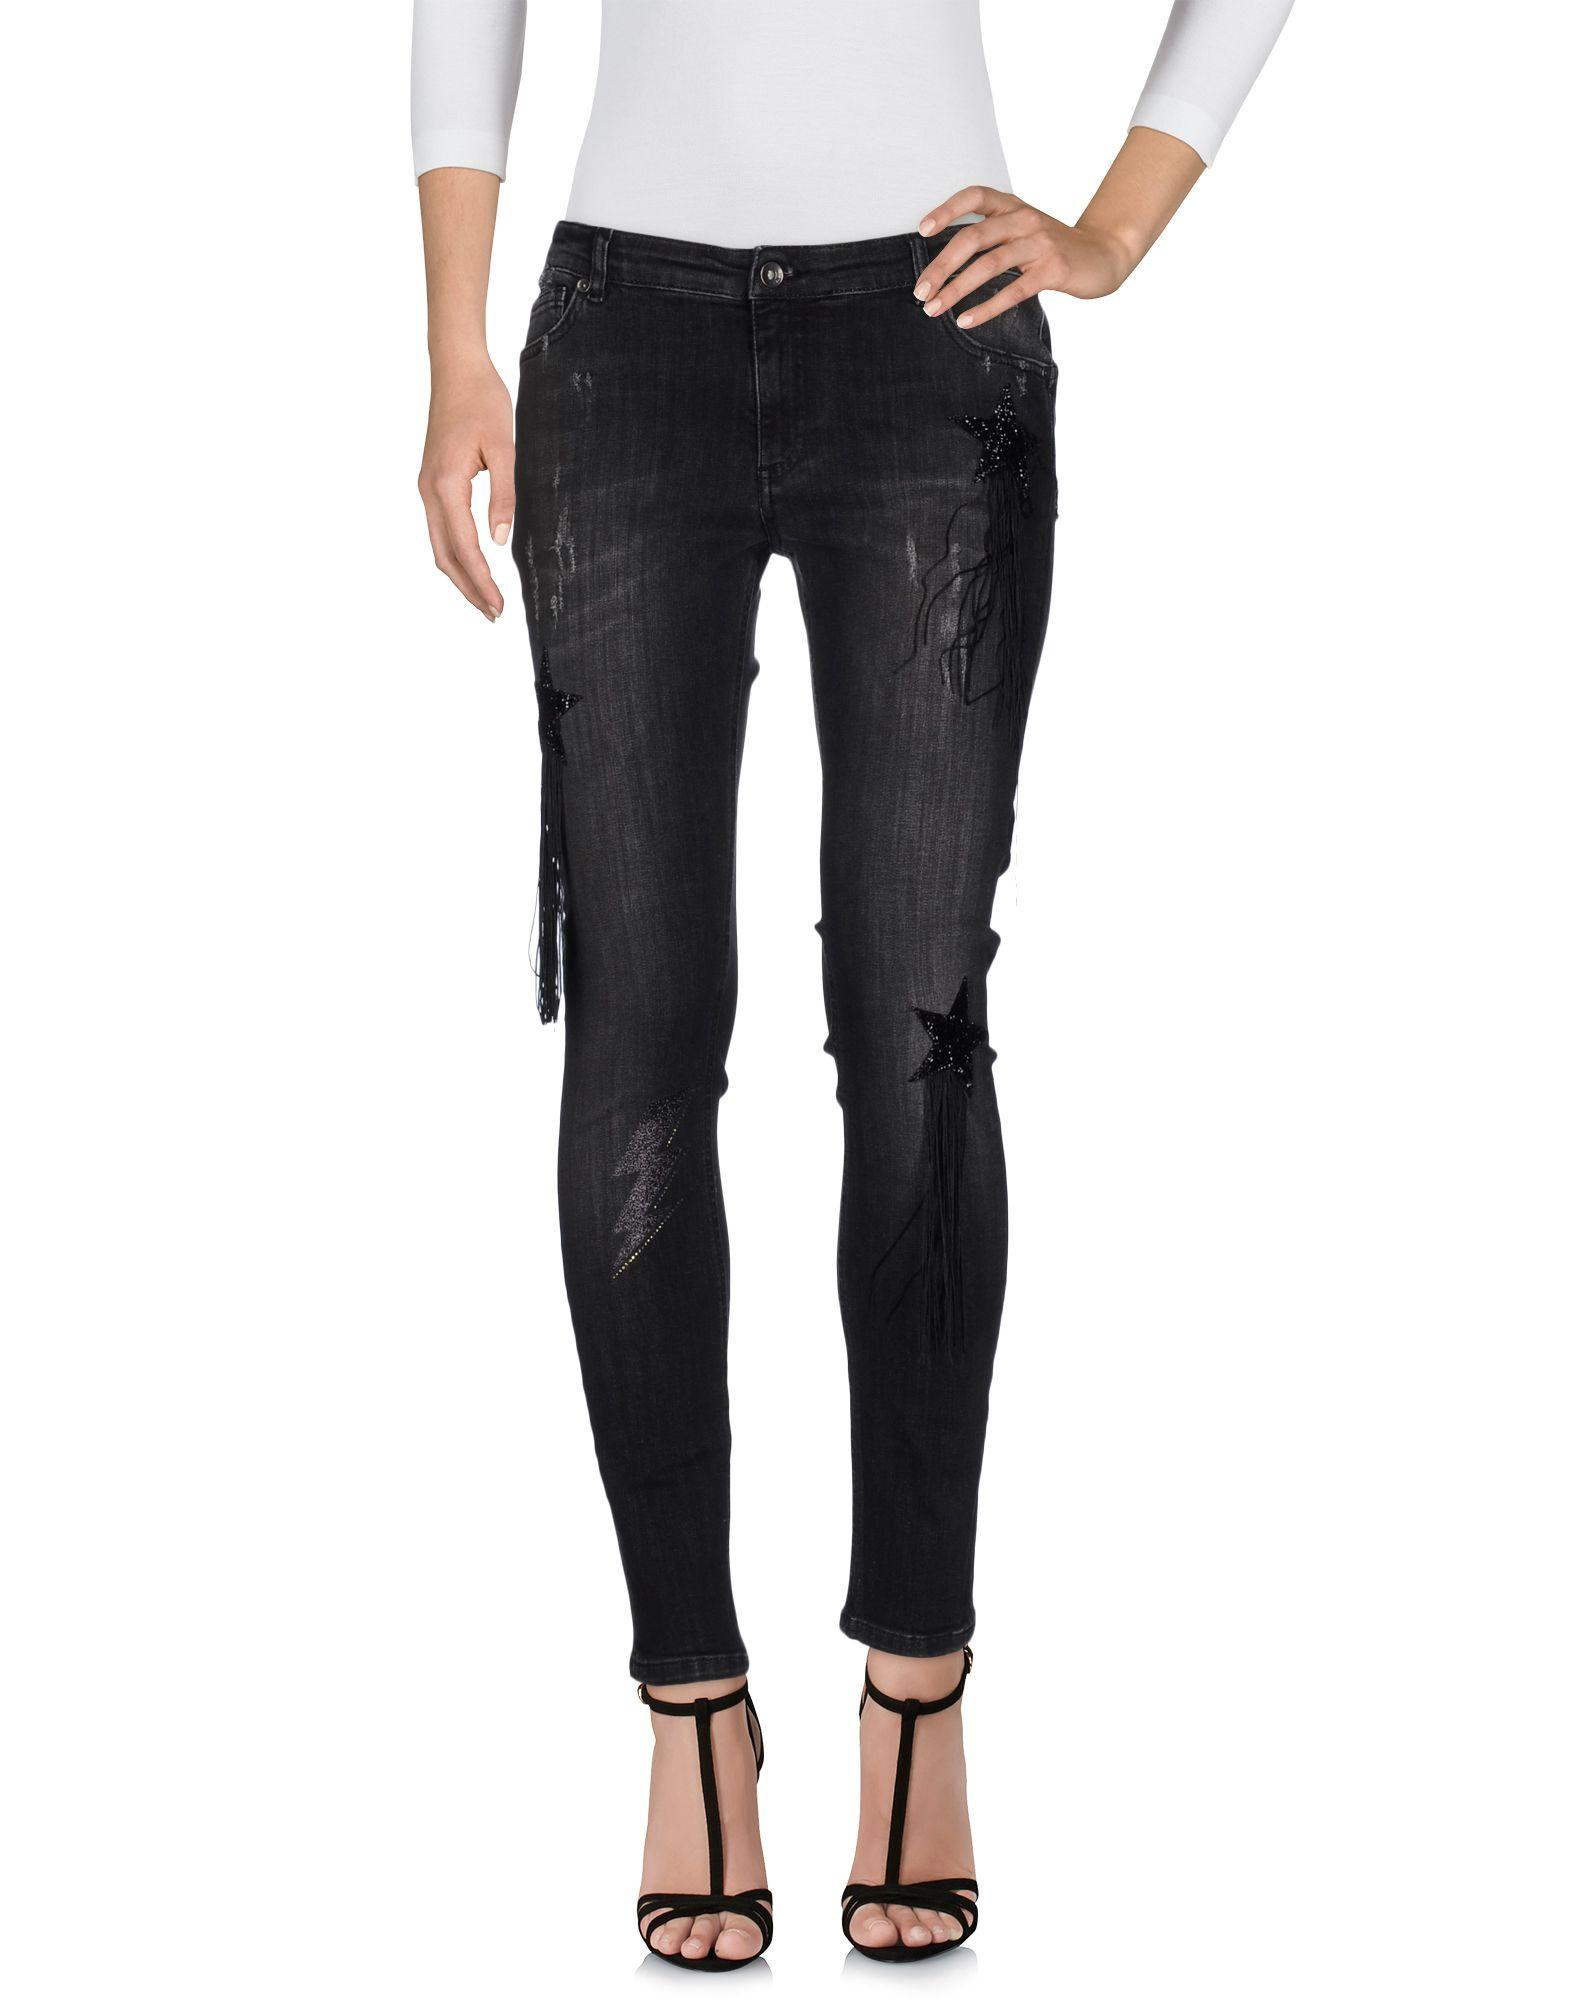 NICEBRAND Джинсовые брюки nicebrand повседневные шорты